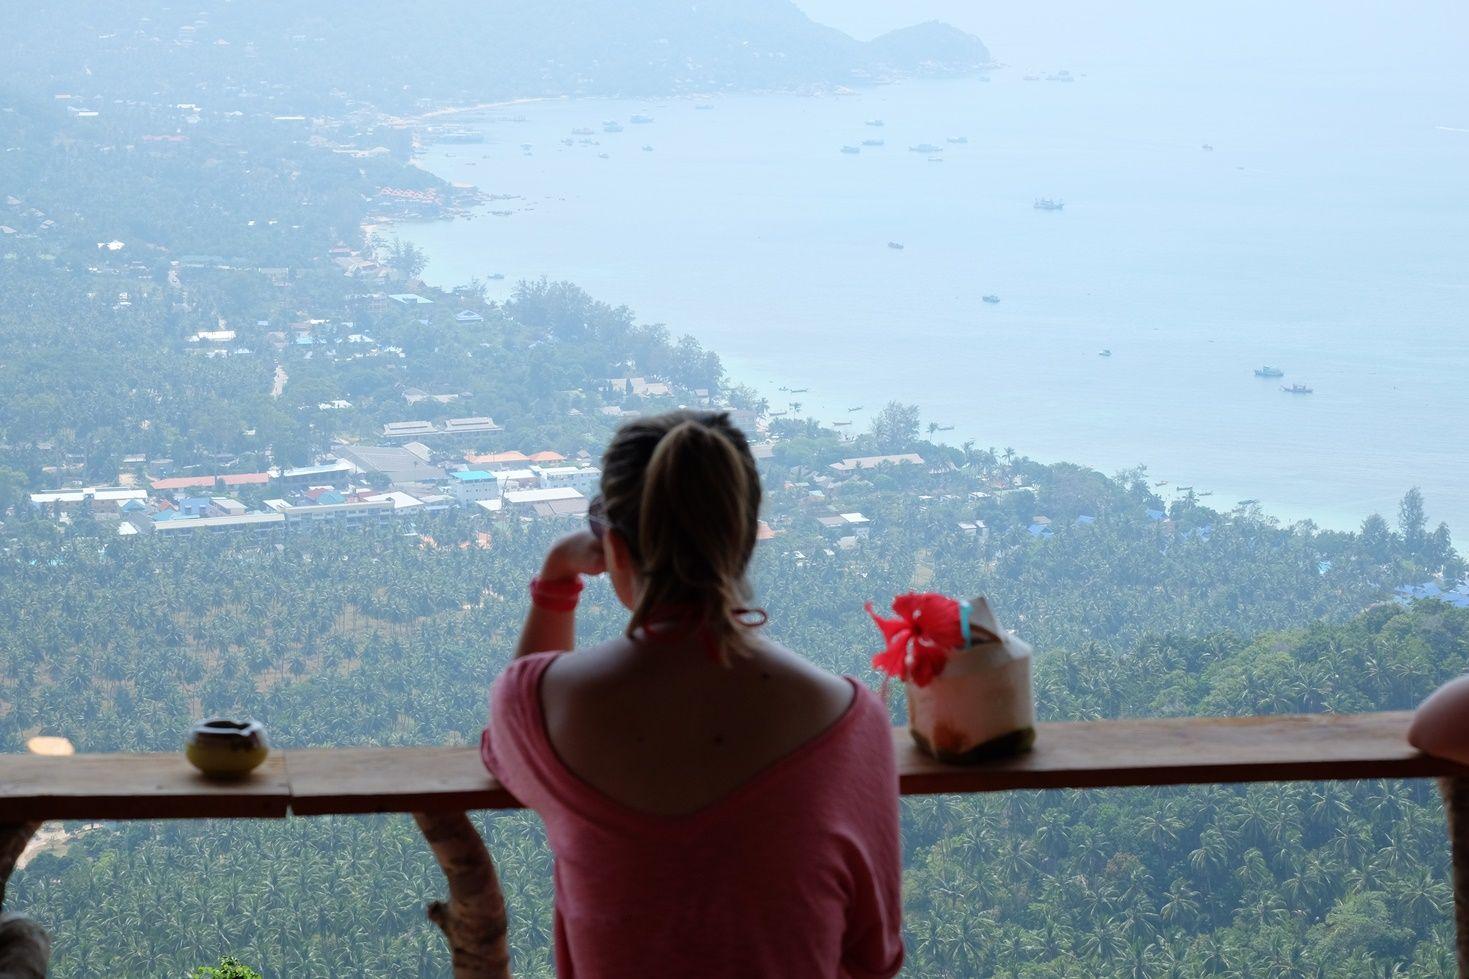 Une semaine sur l'île de Koh Tao, Thaïlande Thaïlande